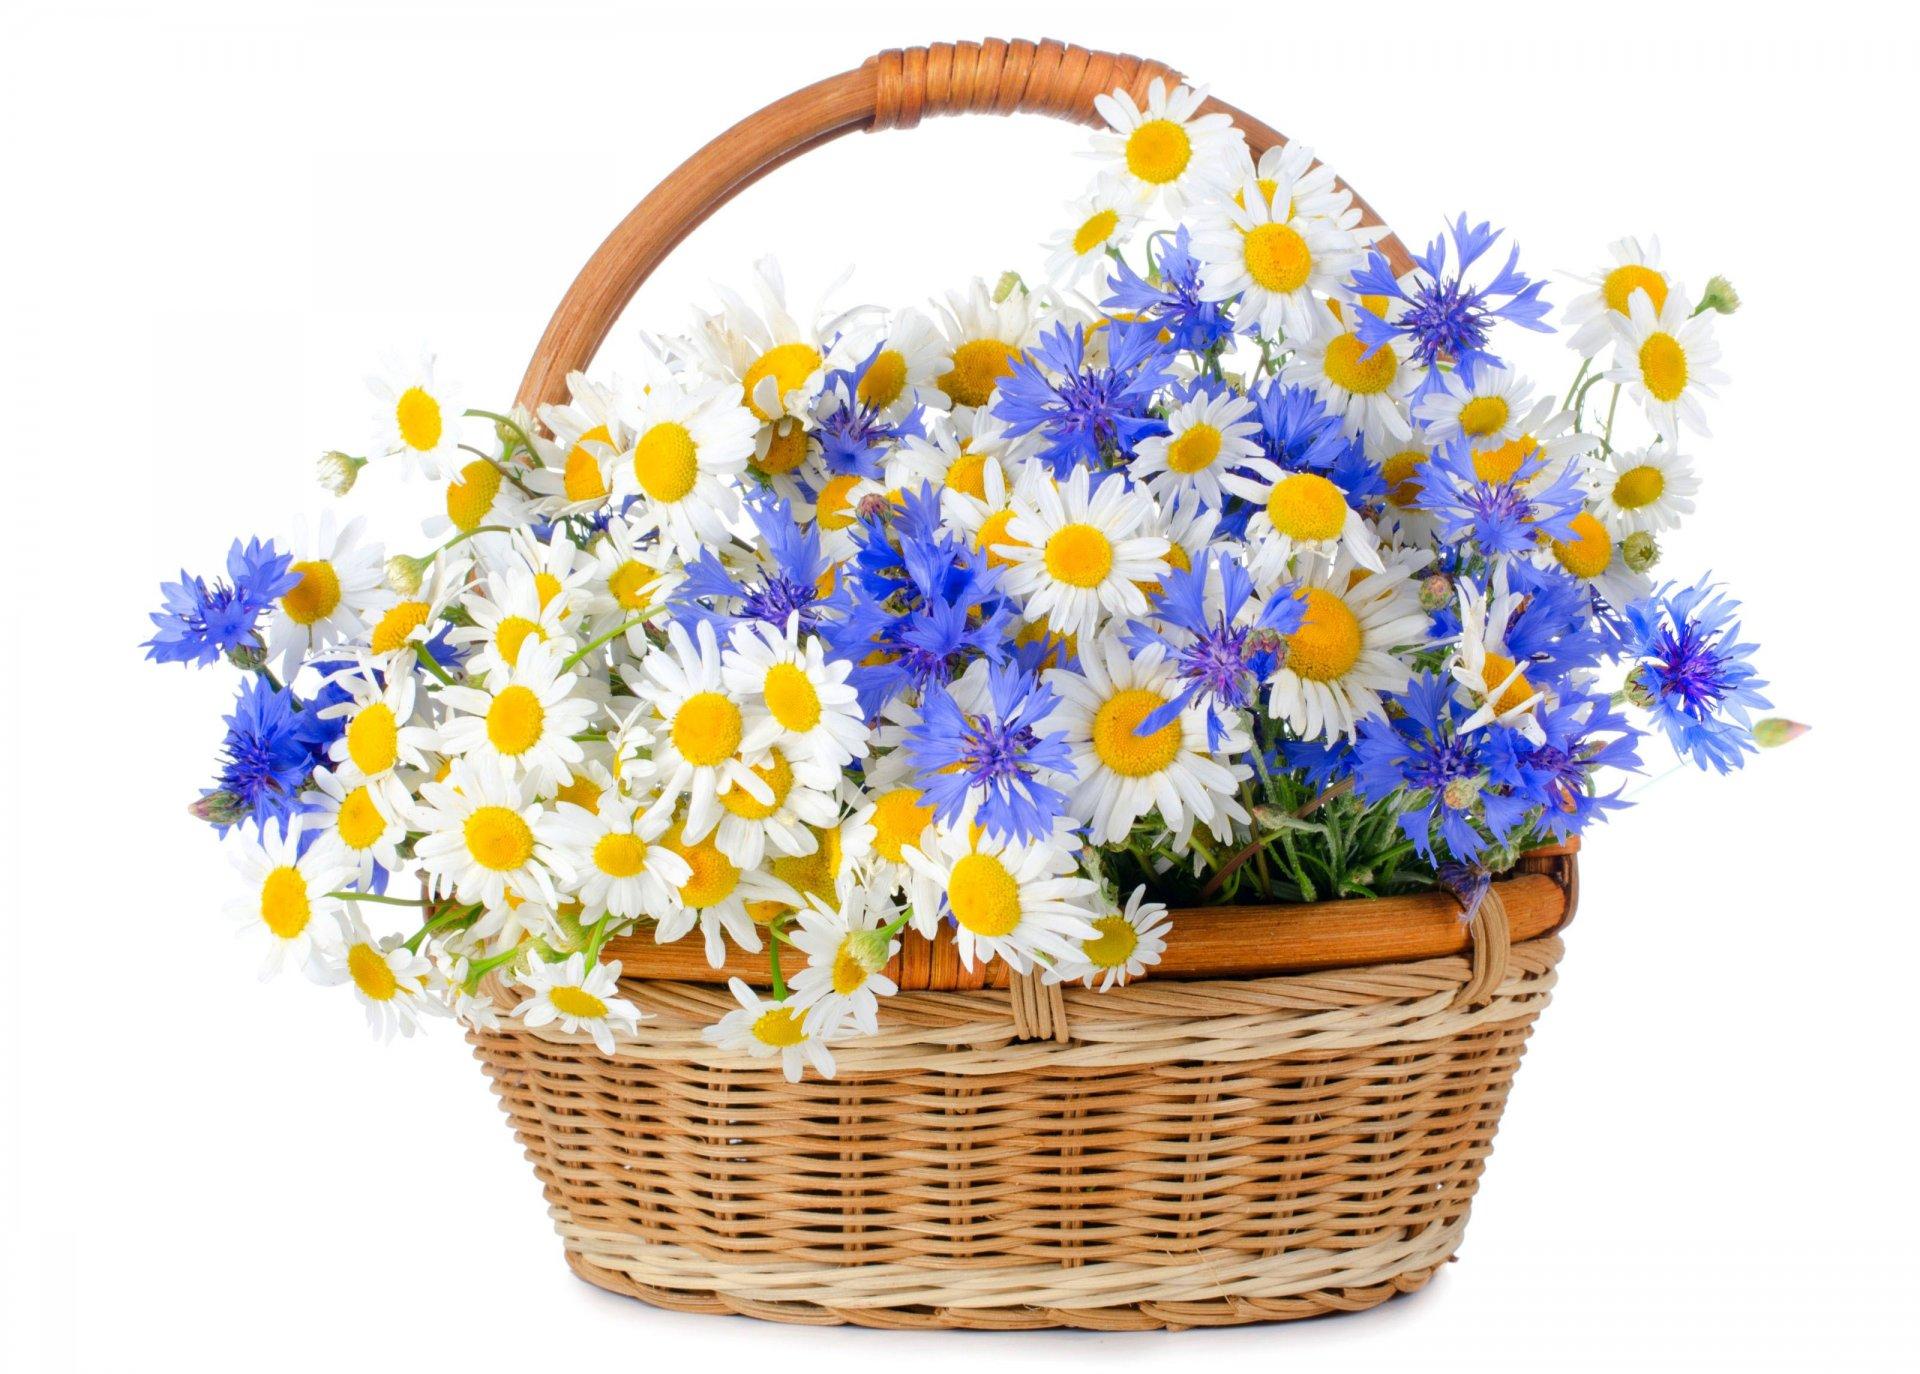 Февраля, красивые открытки с букетами полевых цветов